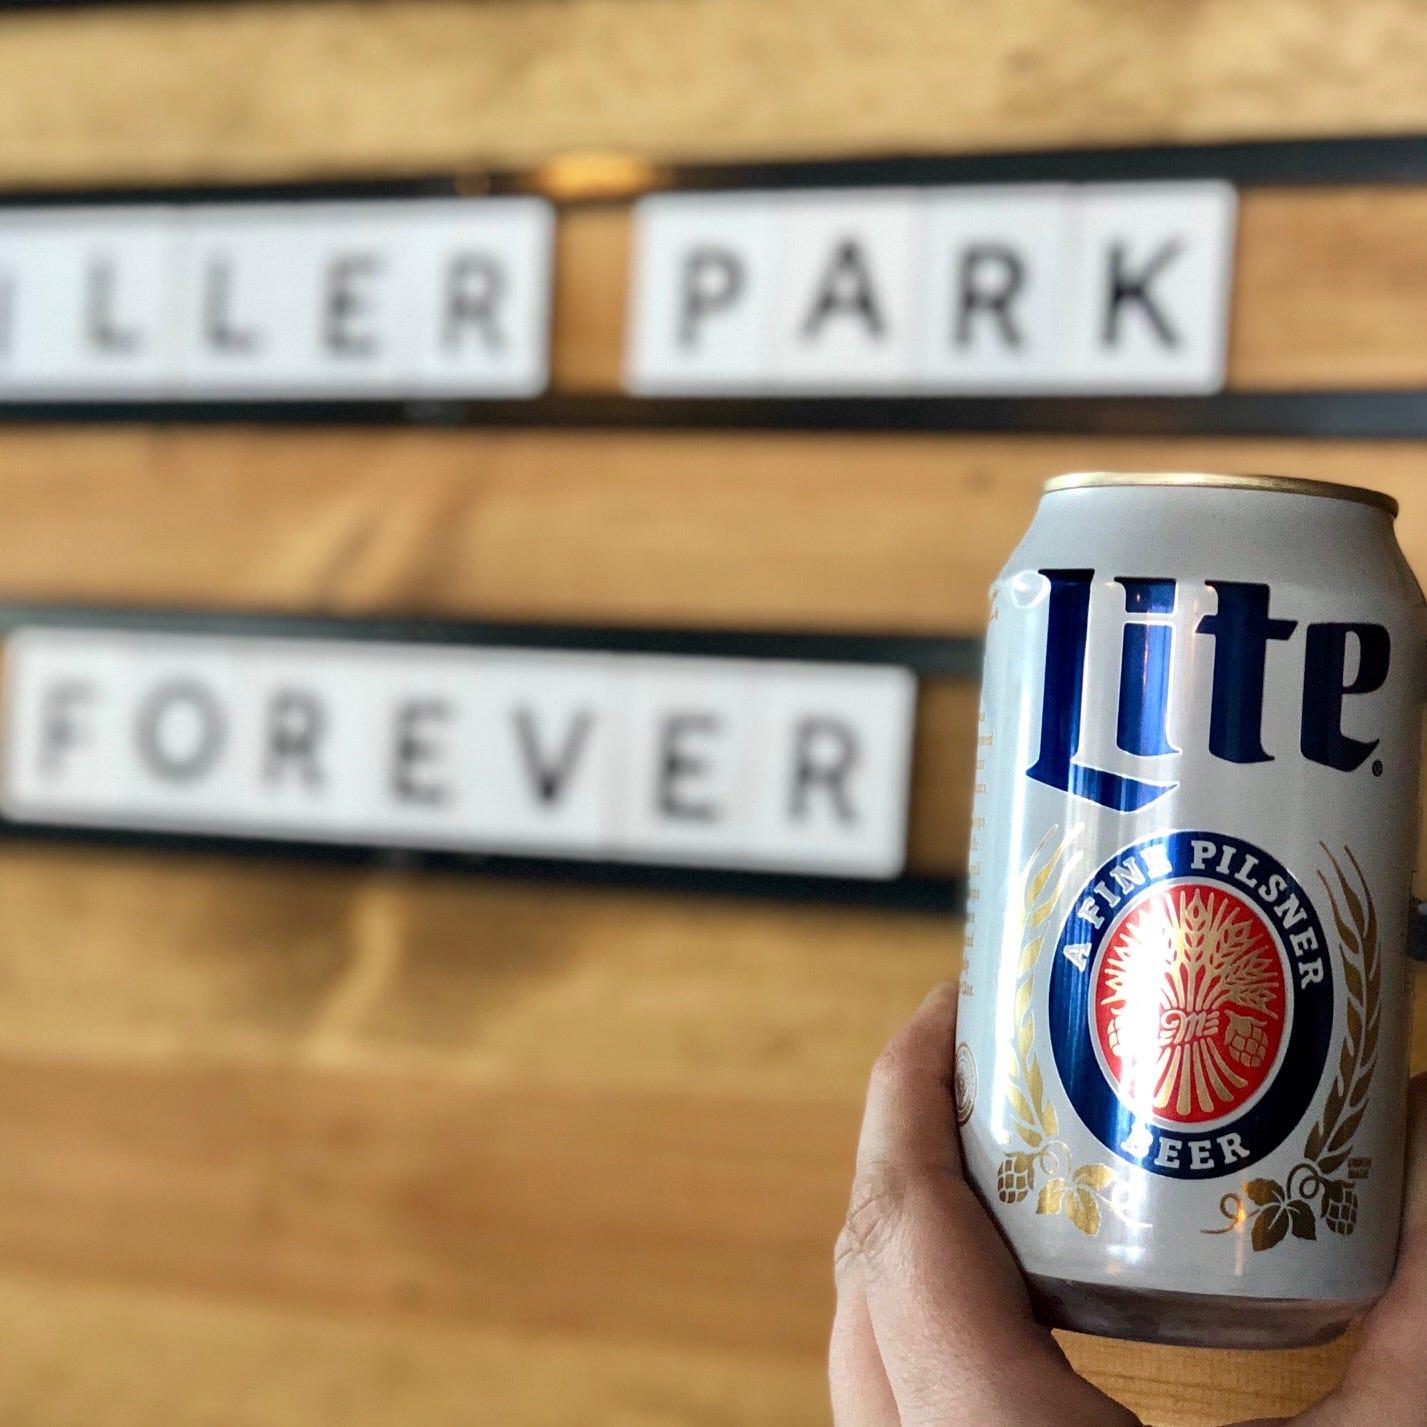 Walker's Point restaurants offer deals on Miller beer to mourn new Miller Park naming deal